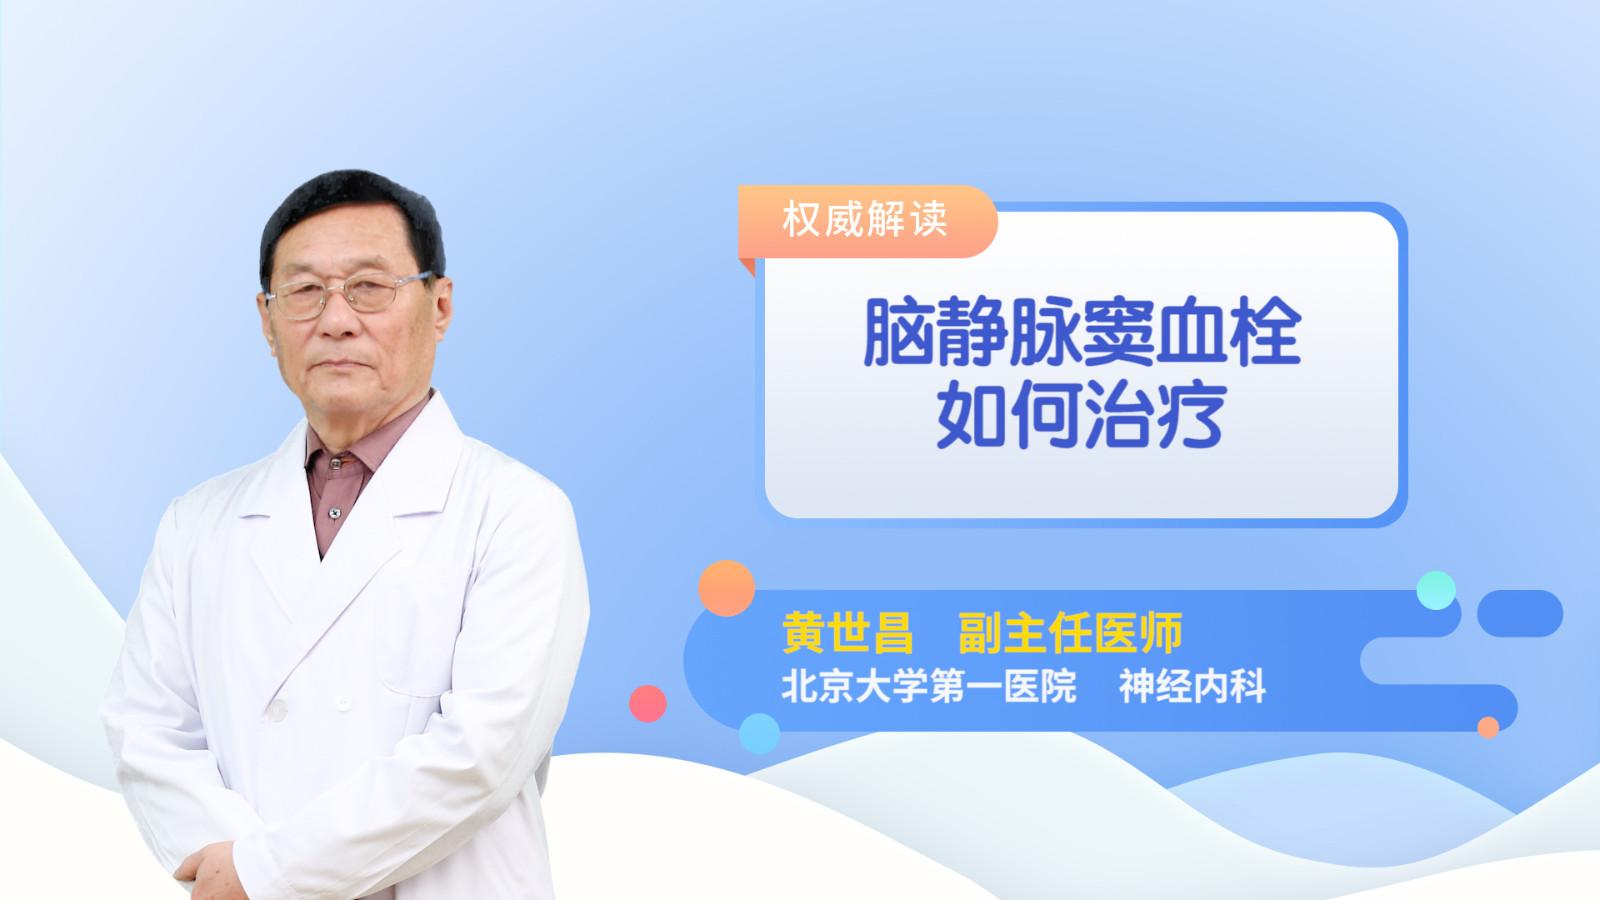 脑静脉窦血栓如何治疗